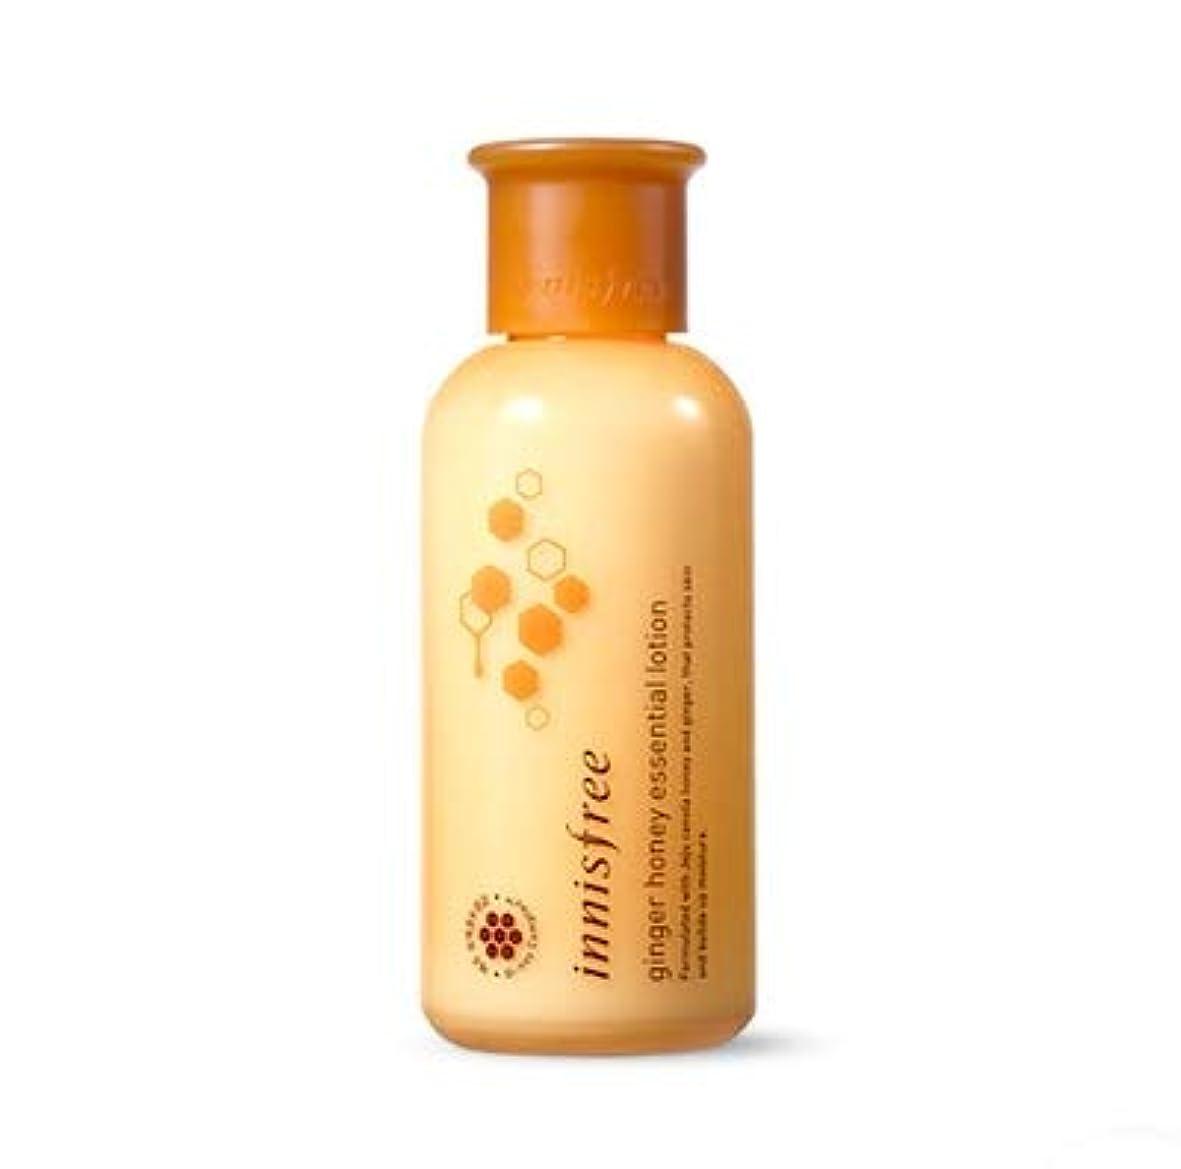 ノイズ扇動するブレンドINNISFREE Ginger Honey Essential Lotion イニスフリー ジンジャー ハニー エッセンシャル ローション 160ml [並行輸入品]